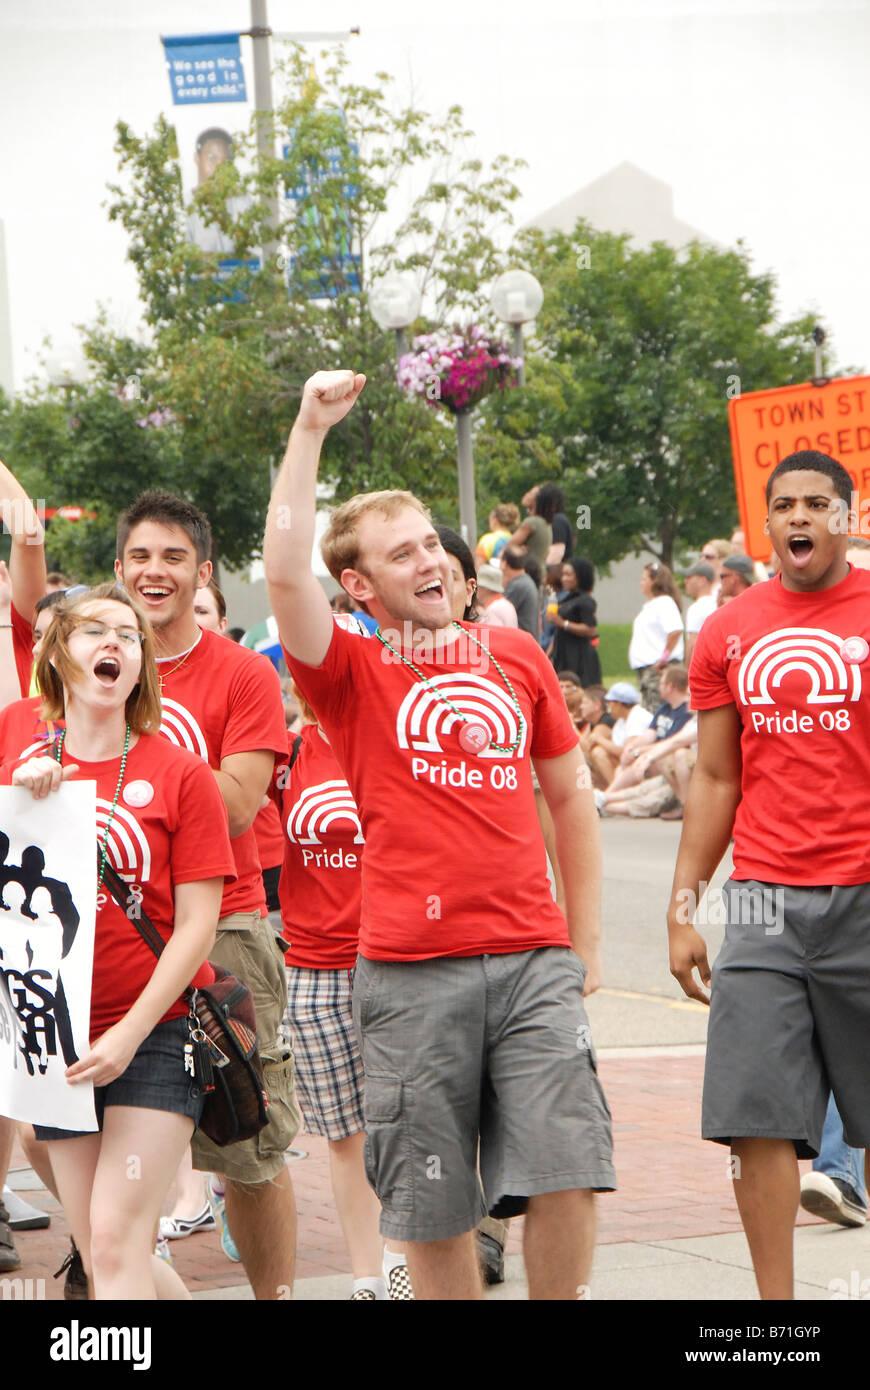 Washington dc gay pride parade 2008